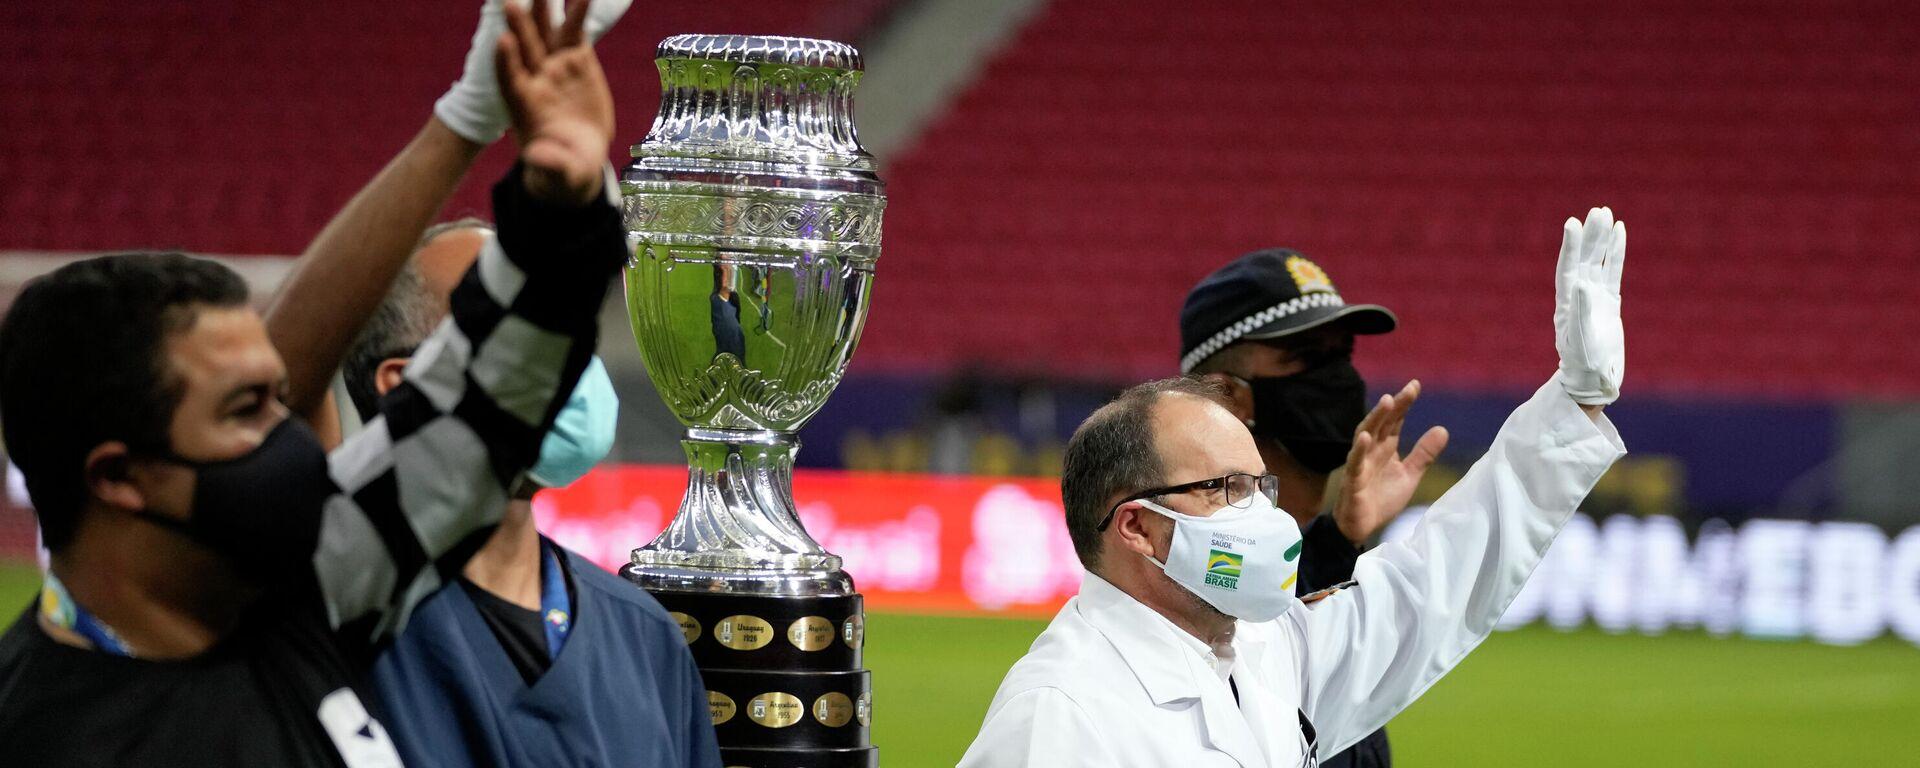 El trofeo de la Copa América 2021 es presentado por hombres con trajes de médicos y enfermeros - Sputnik Mundo, 1920, 14.06.2021